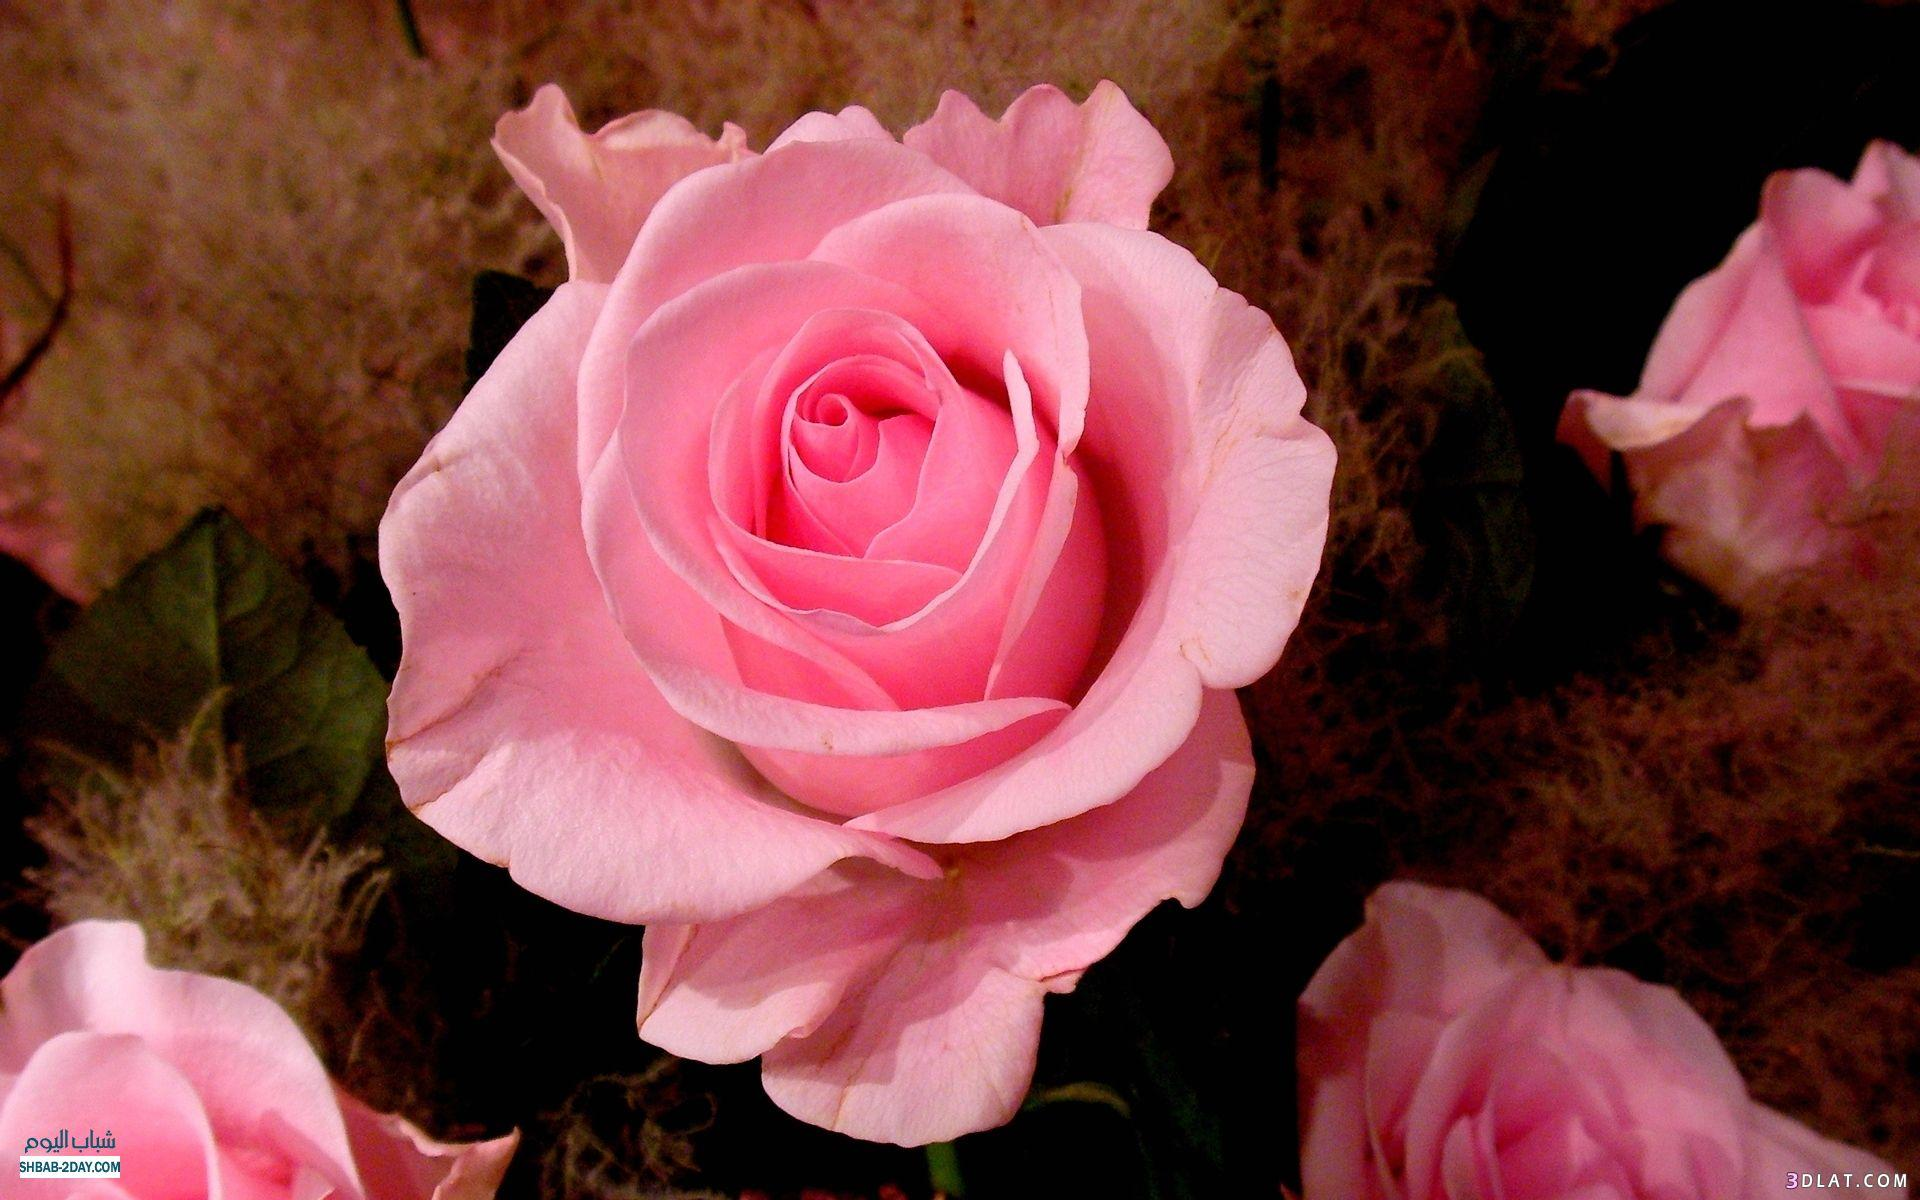 صورة صور عن الورد , صور عن الورد رؤعة مفيش اجمل منها 516 6